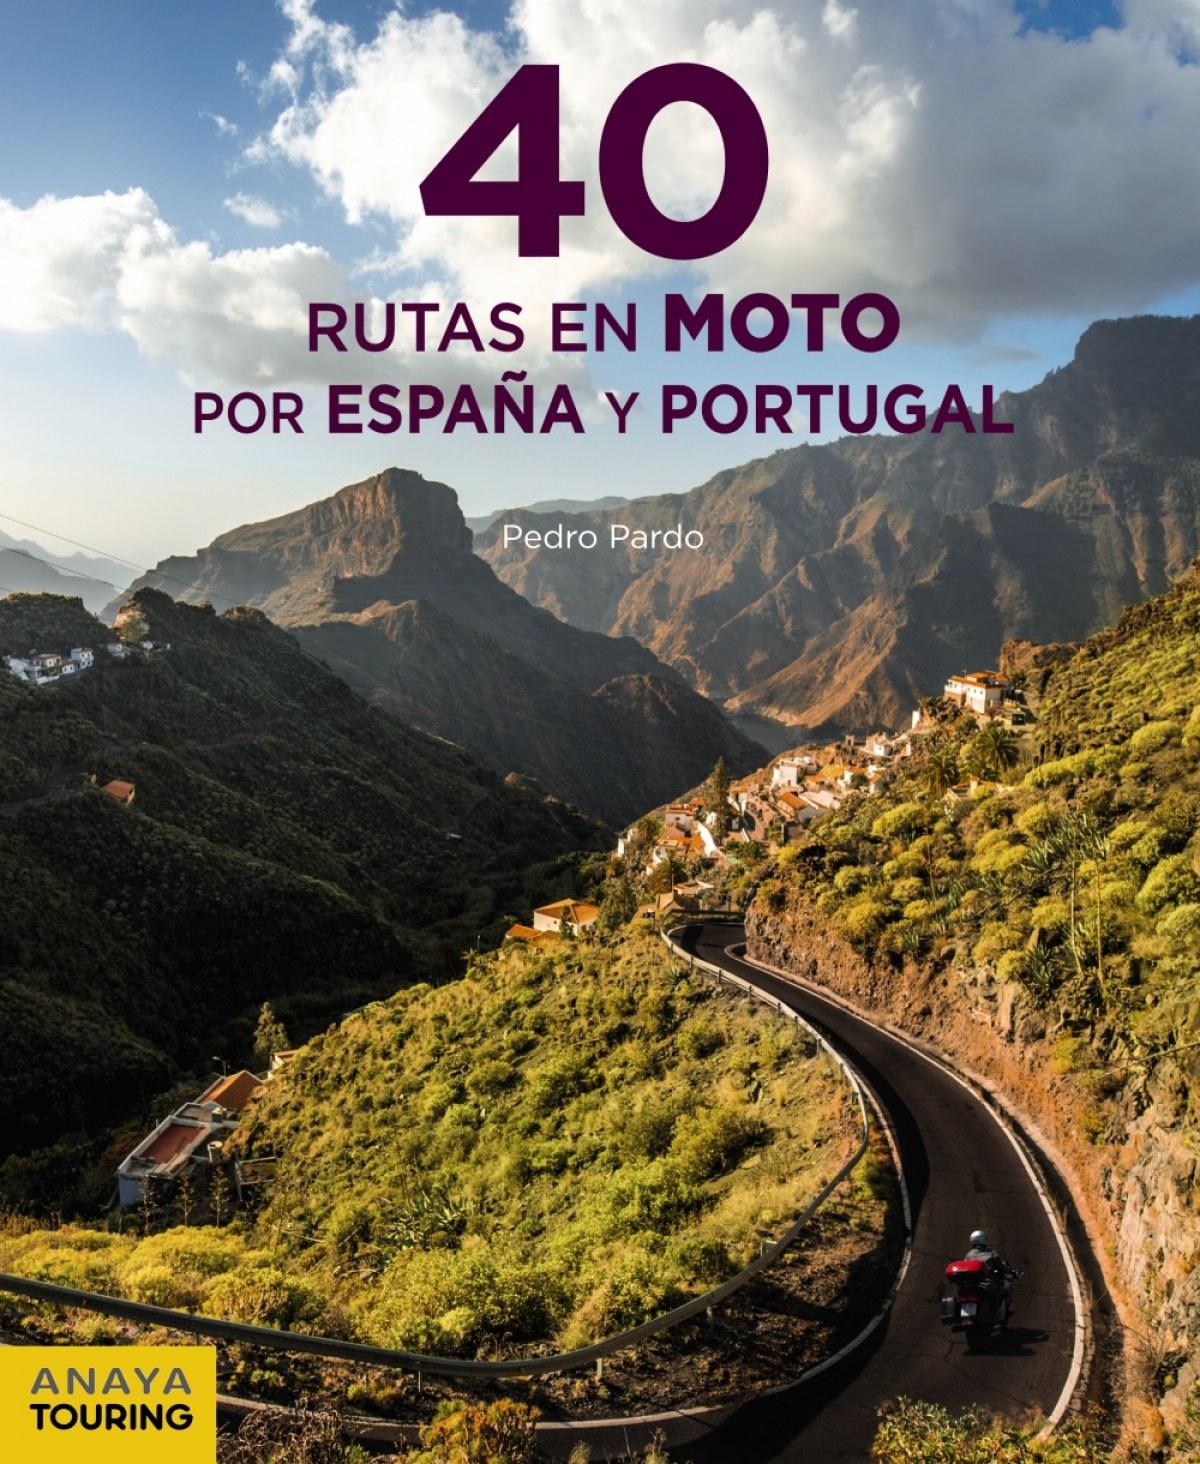 40 RUTAS EN MOTO POR ESPAñA Y PORTUGAL 9788491582199